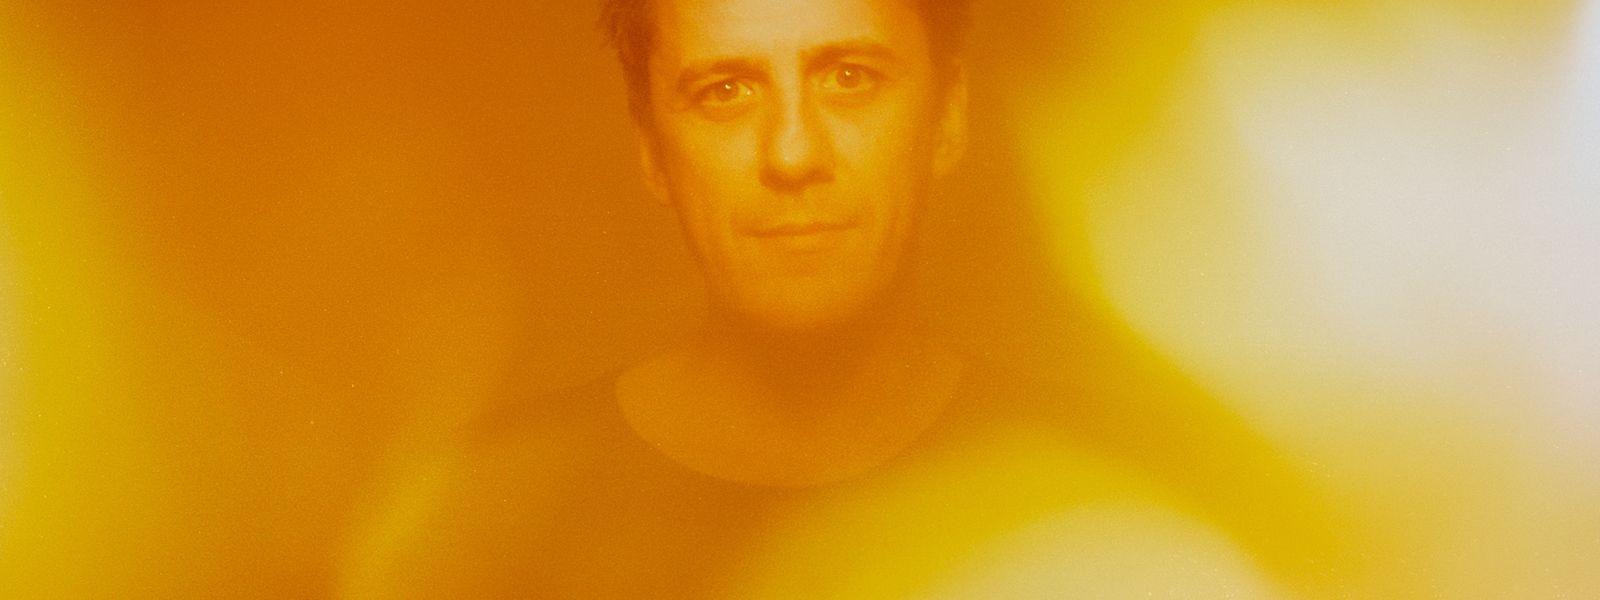 Erleuchtung? Die braucht Pascal Schumacher in diesen Tagen sicher. Aber das Foto entstand als Bildpendant zum Albumtitel Sol.